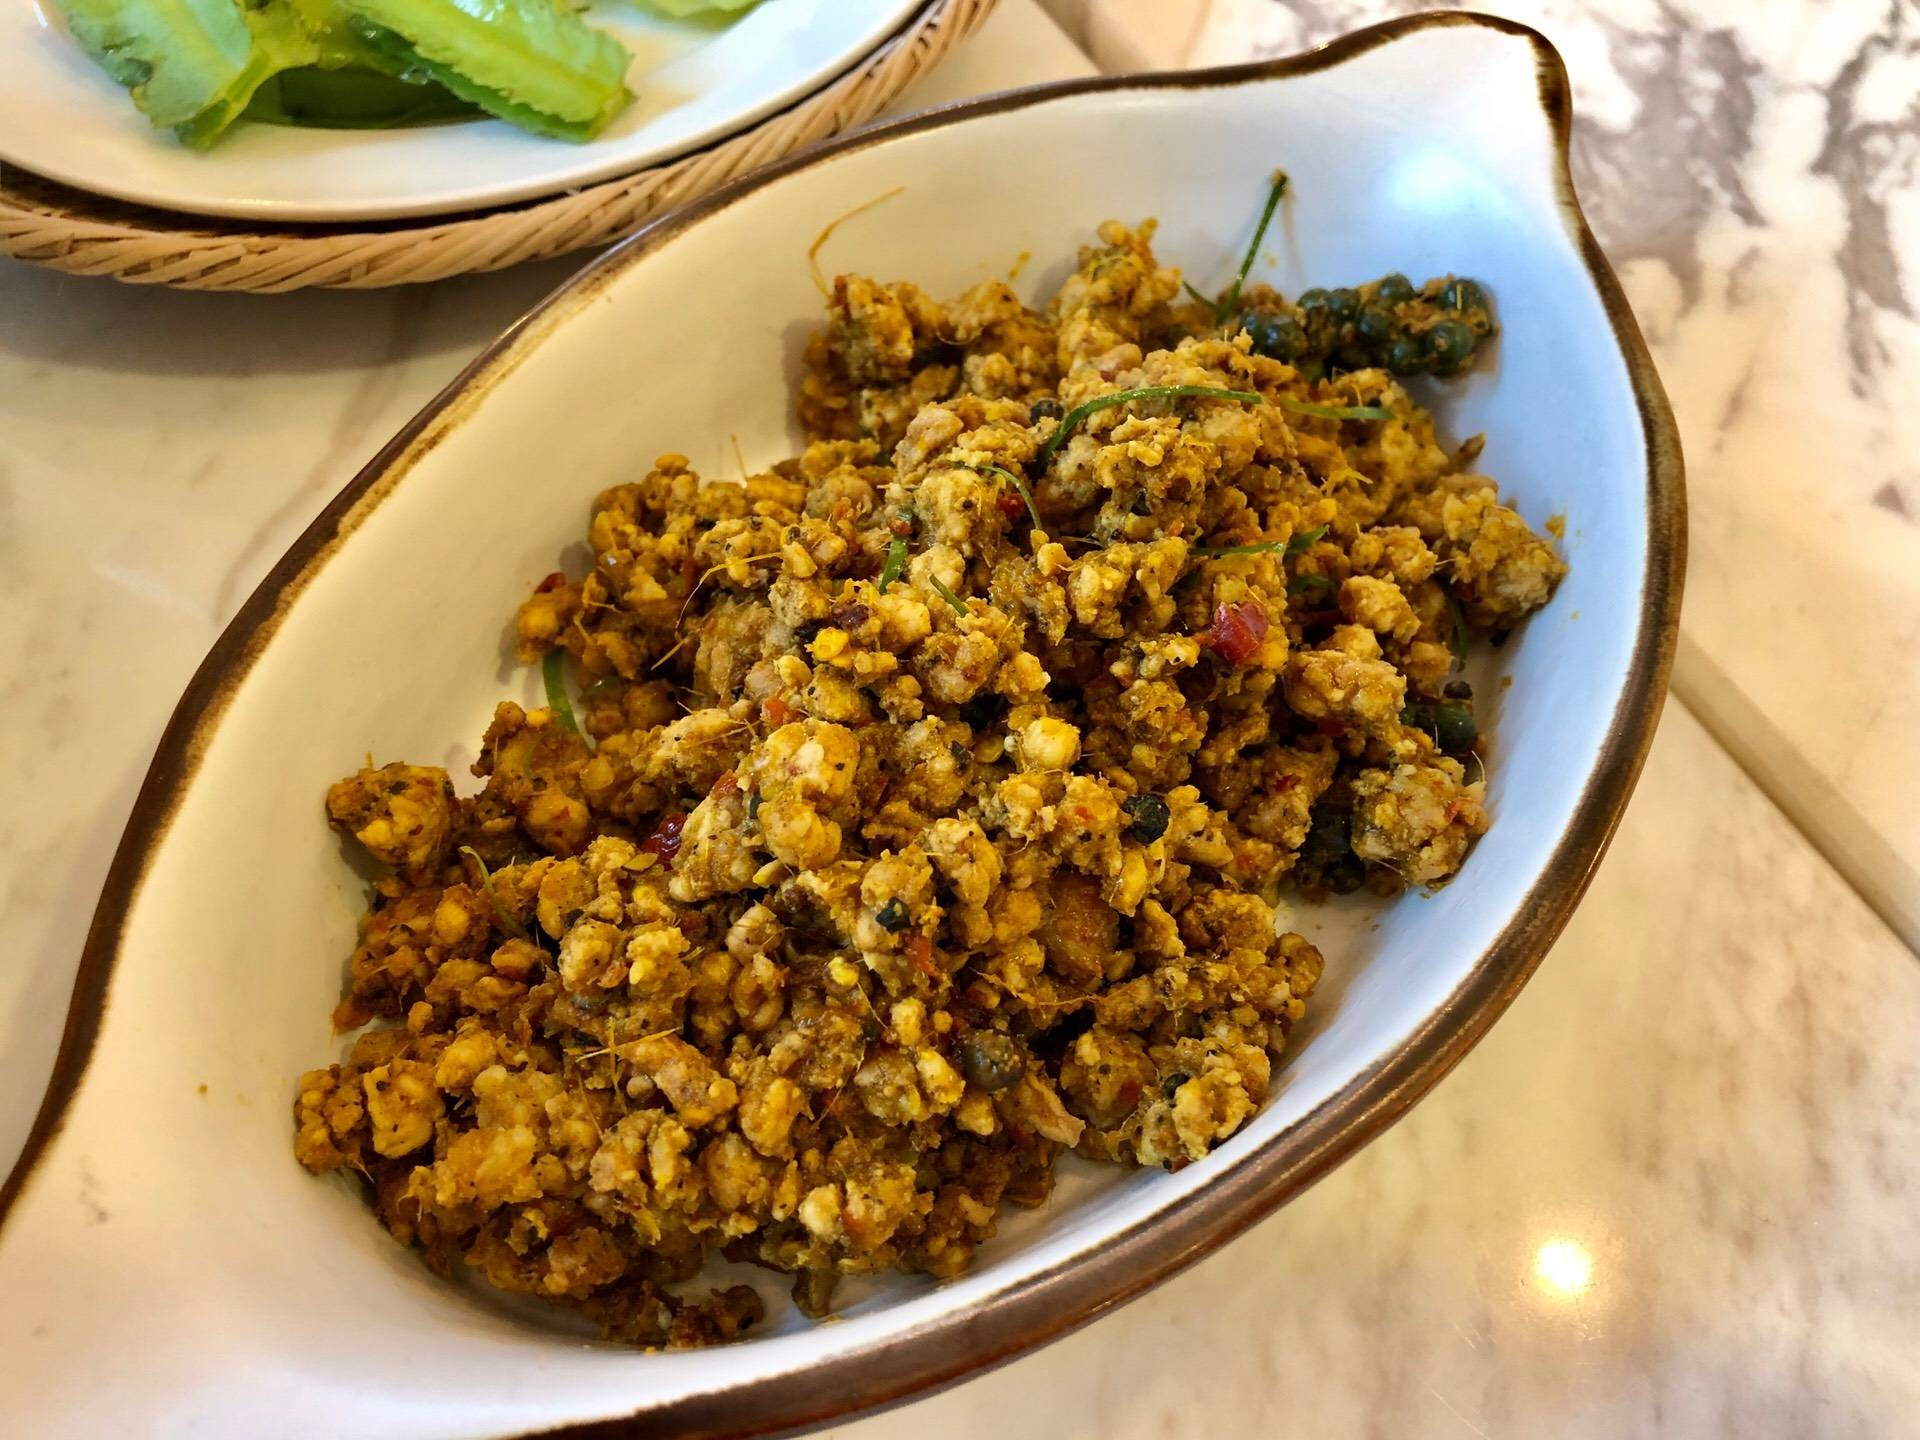 ศรีขมิ้น Original Southern Cuisine พระราม 9-ศรีนครินทร์